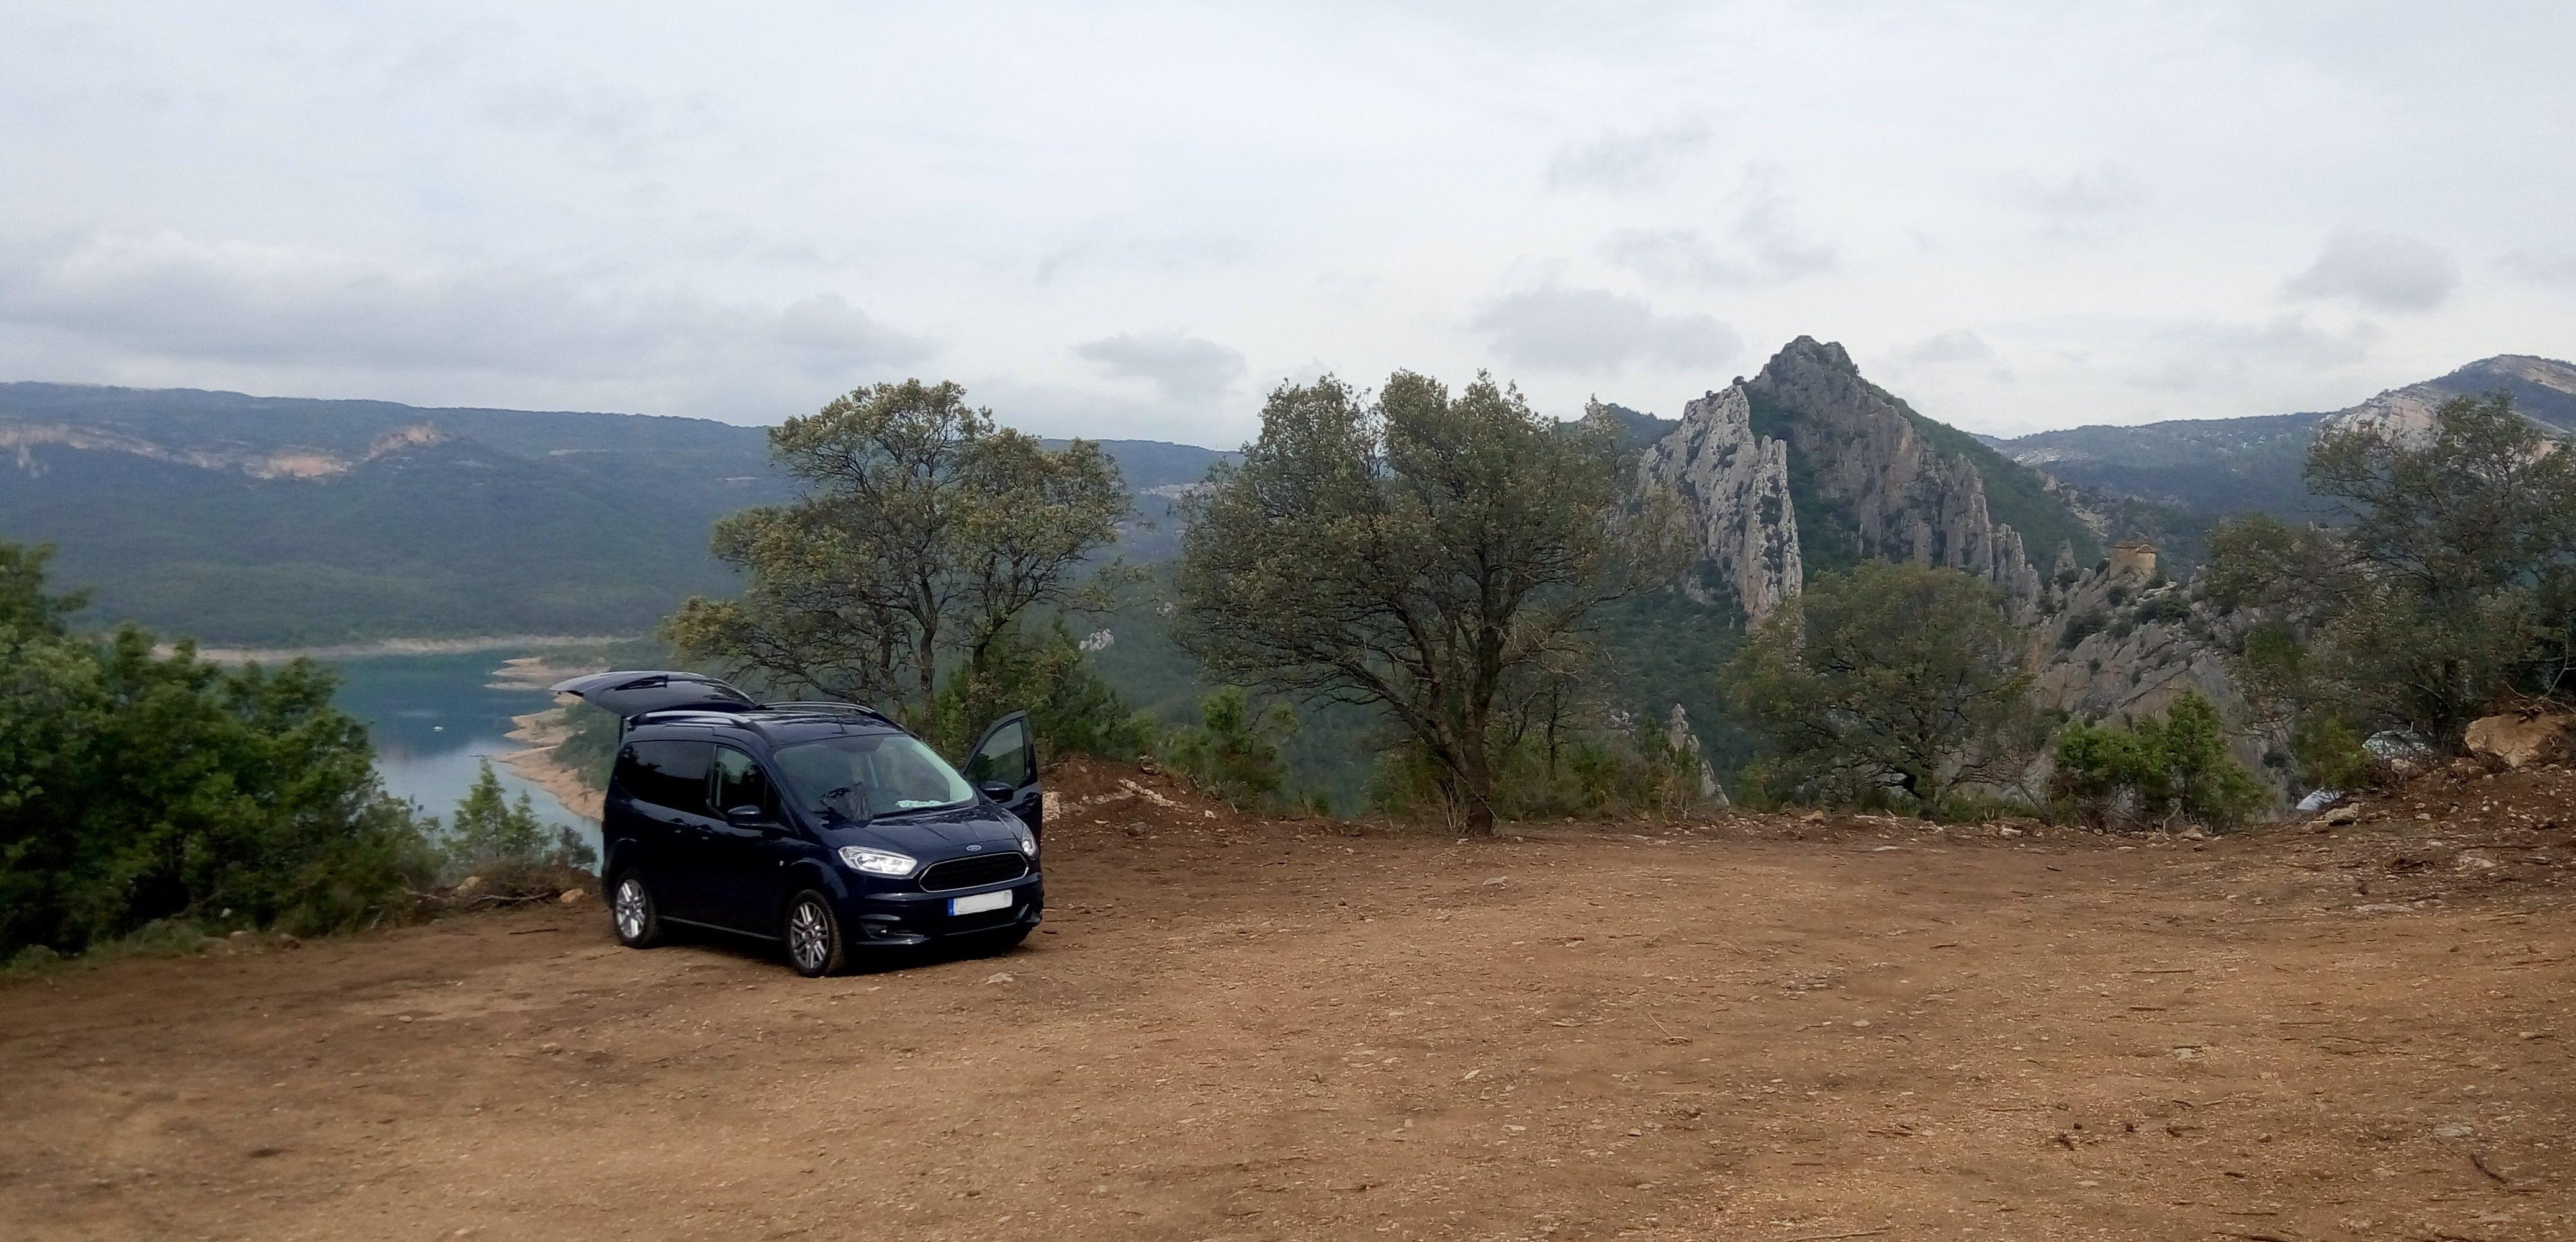 Furgoperfecto parking de la ermita la Pertusa, Corçà, Lleida